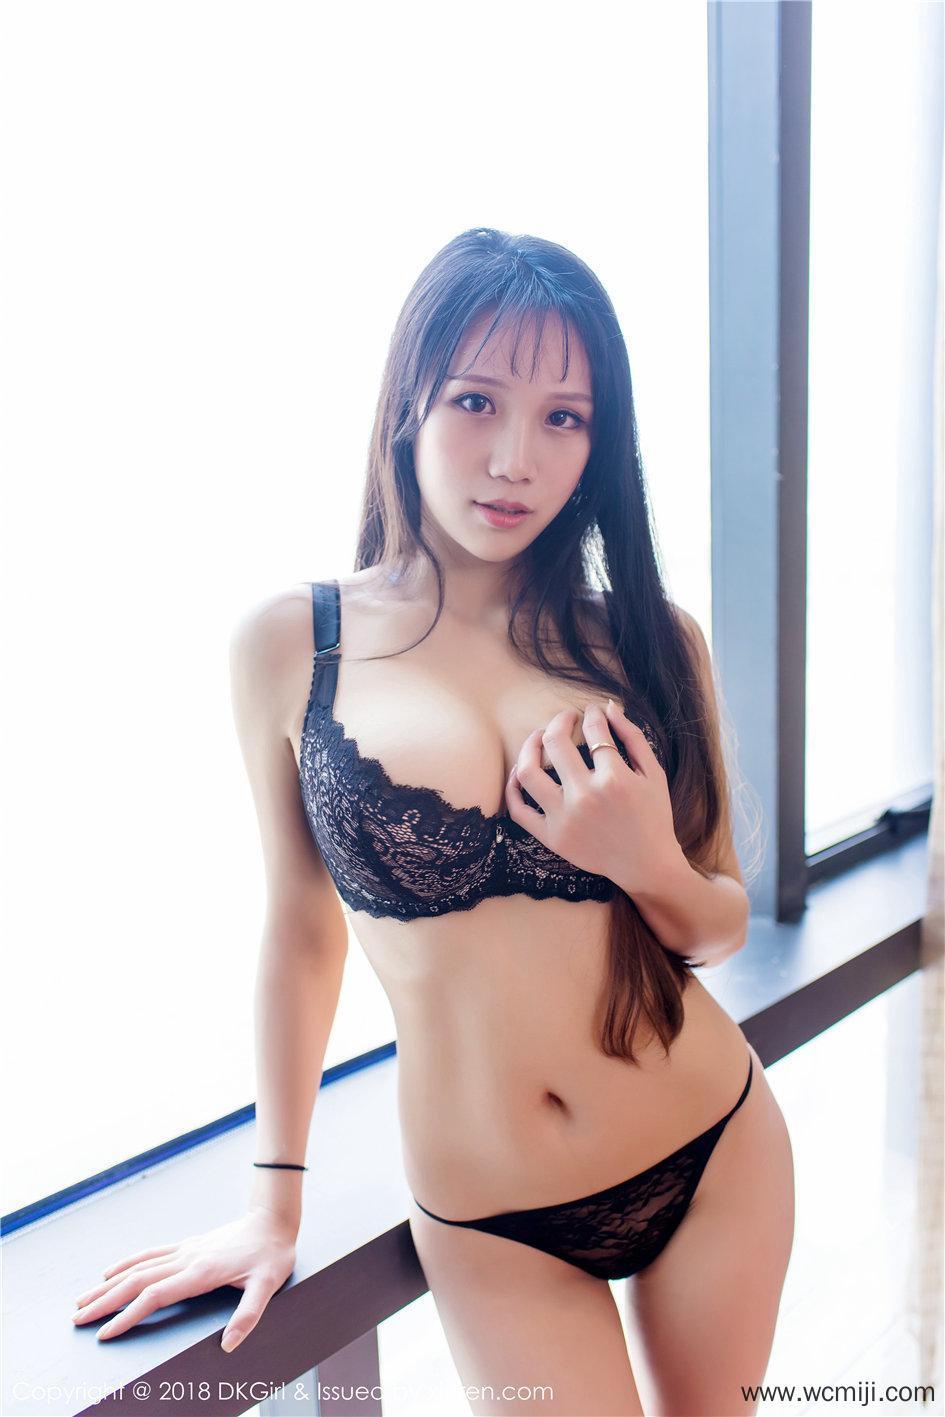 【御女郎】【李可可】 清纯美女李可可模特女郎人体艺术写真 Vol.063【39P】 X丝玉足